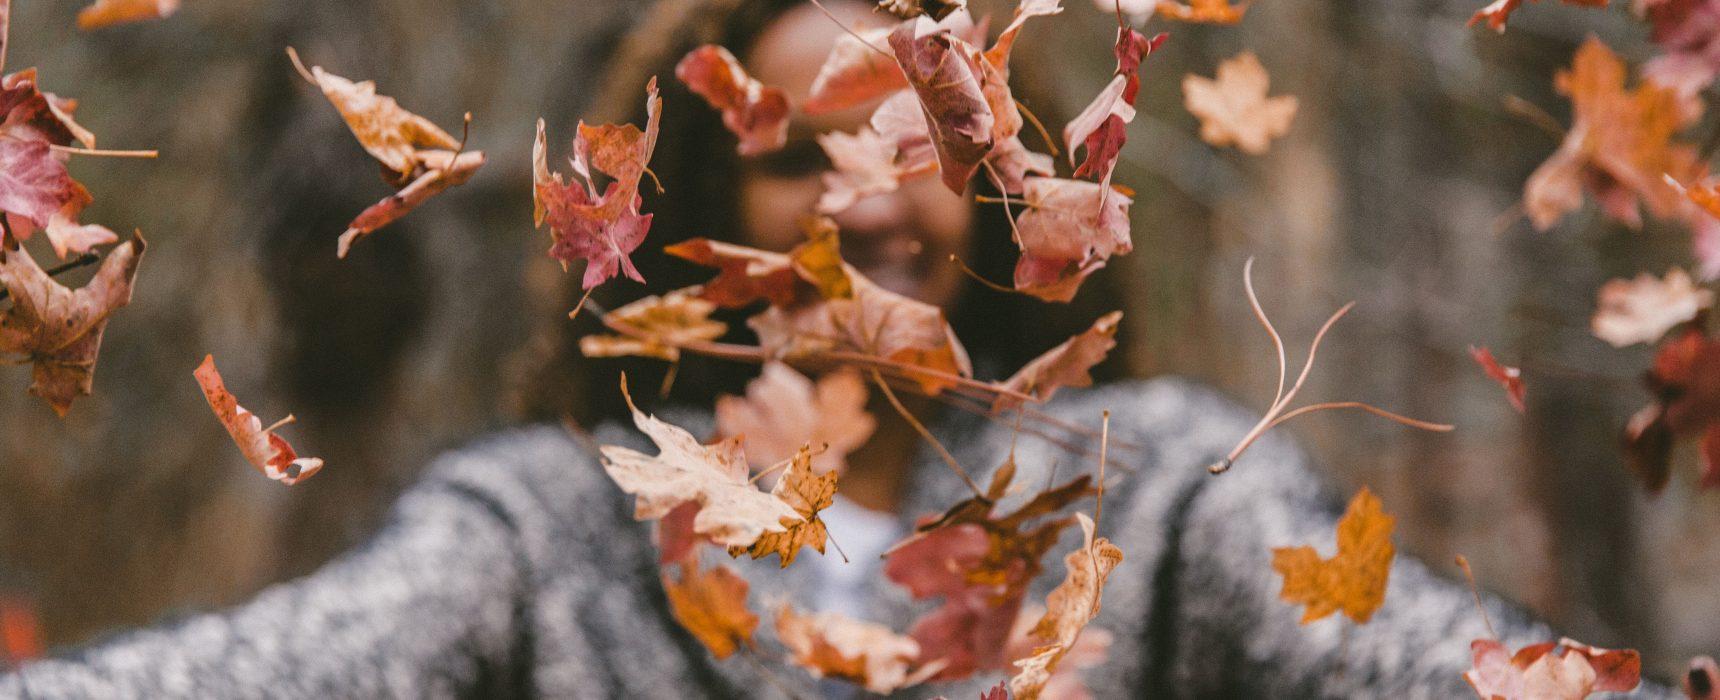 Tutto il necessario per l'autunno in Finlandia viaggi viaggio consigli cosa sapere cosa fare abbigliamento blog suggerimenti cosa indossare indispensabile meteo temperature Zalando scarpe Nike natura autunnale foglie